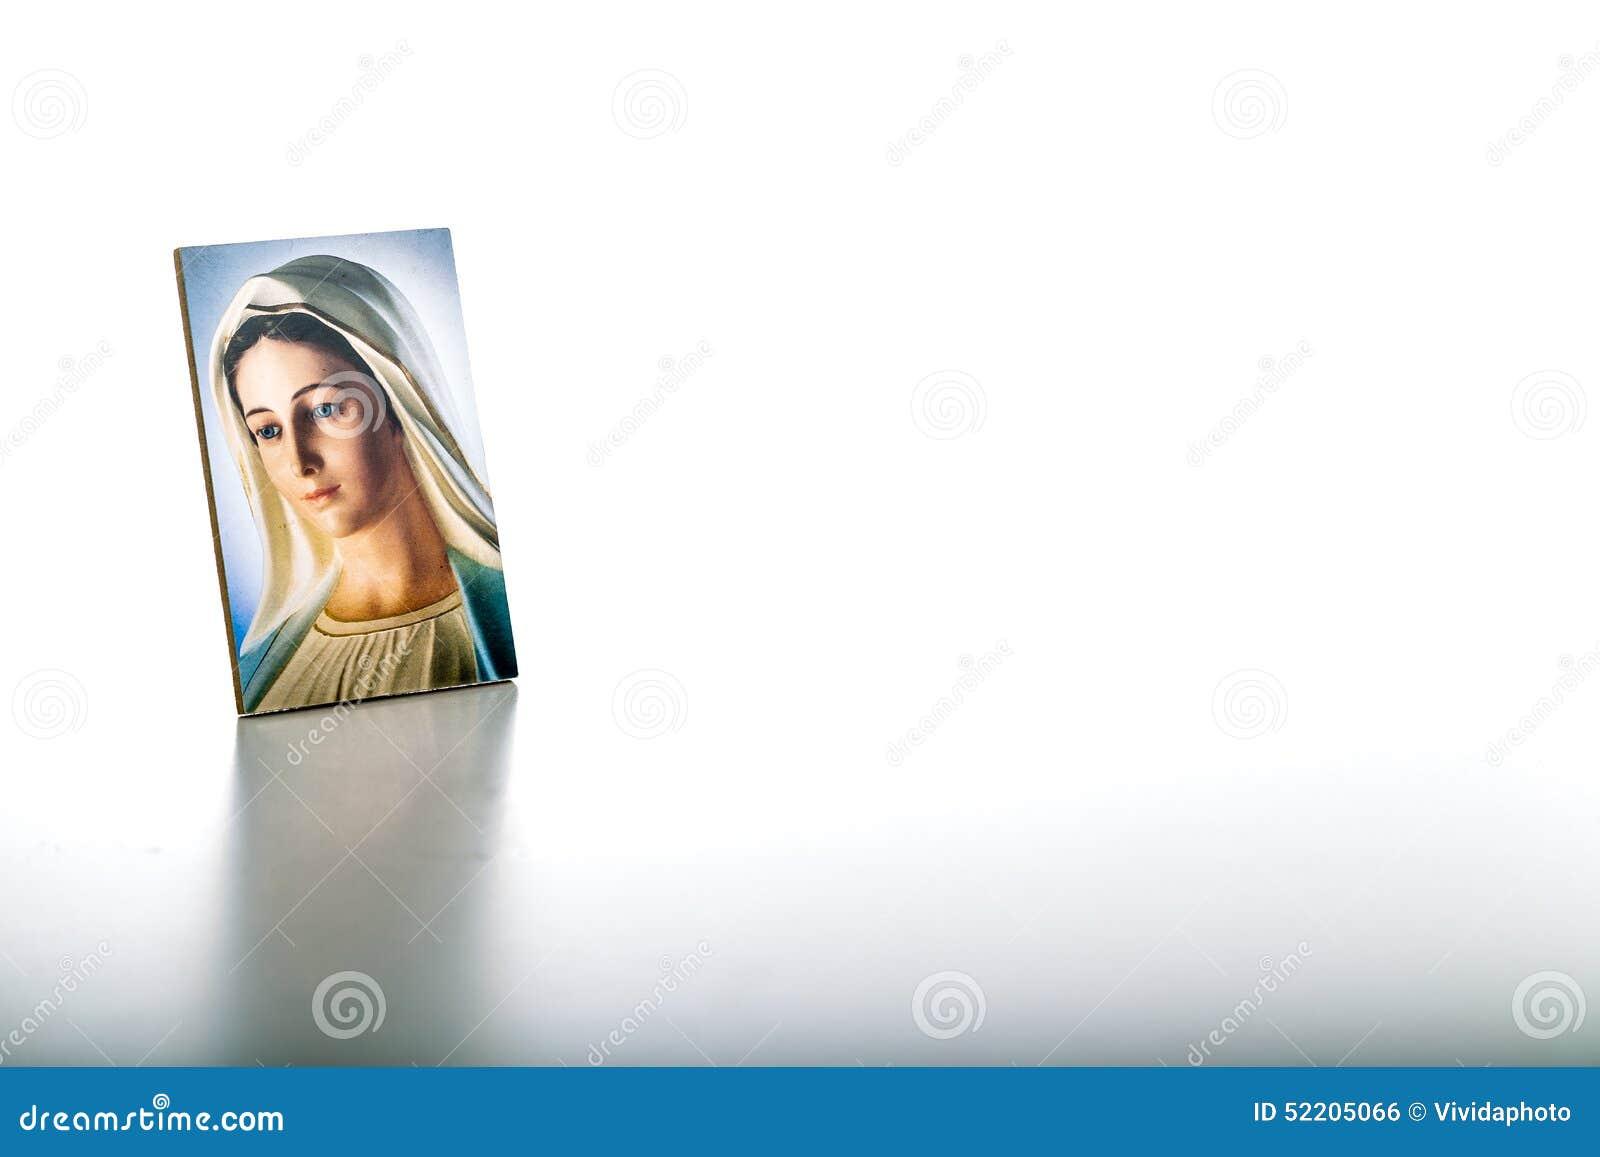 Значок нашей дамы Medjugorje благословленная дева мария